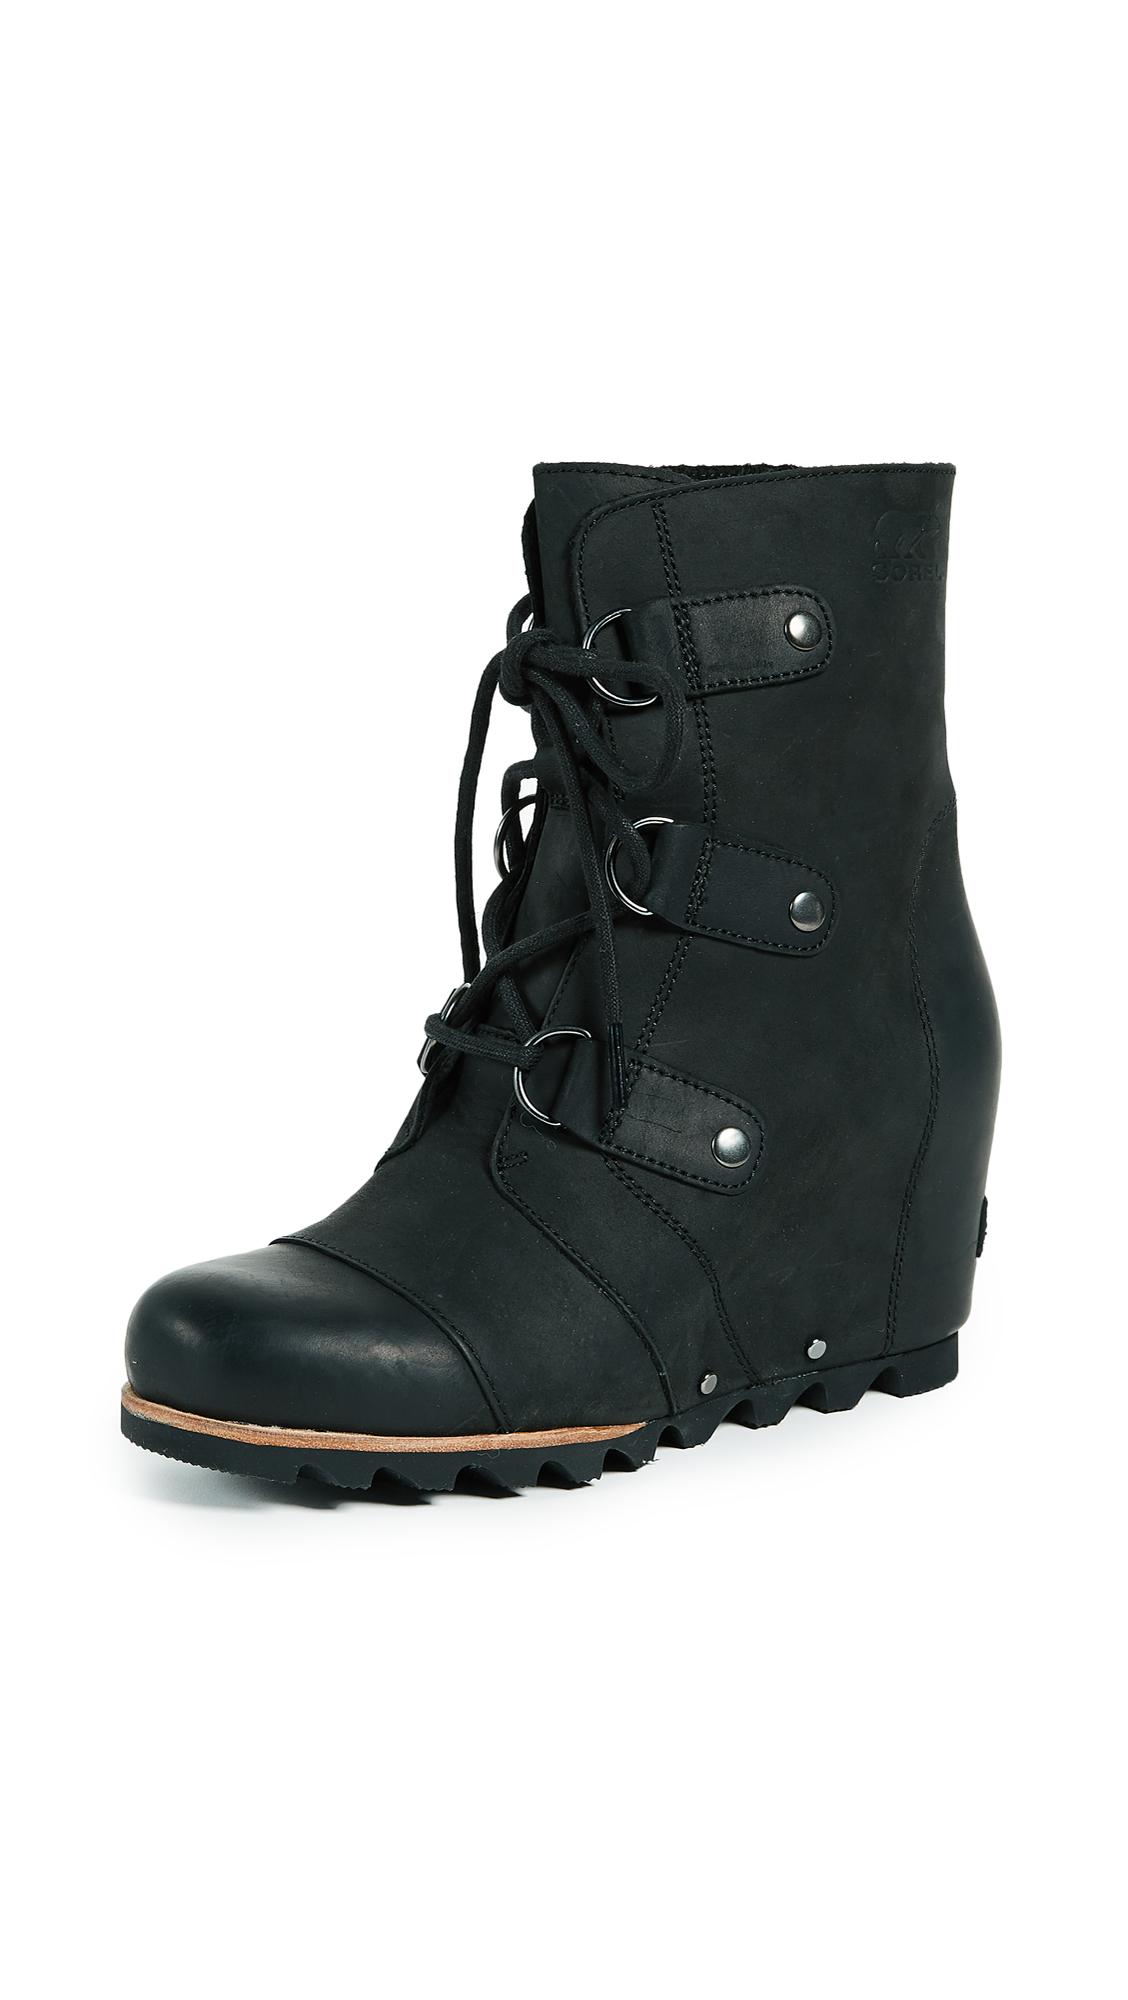 Sorel Joan of Arctic Wedge Booties - Black